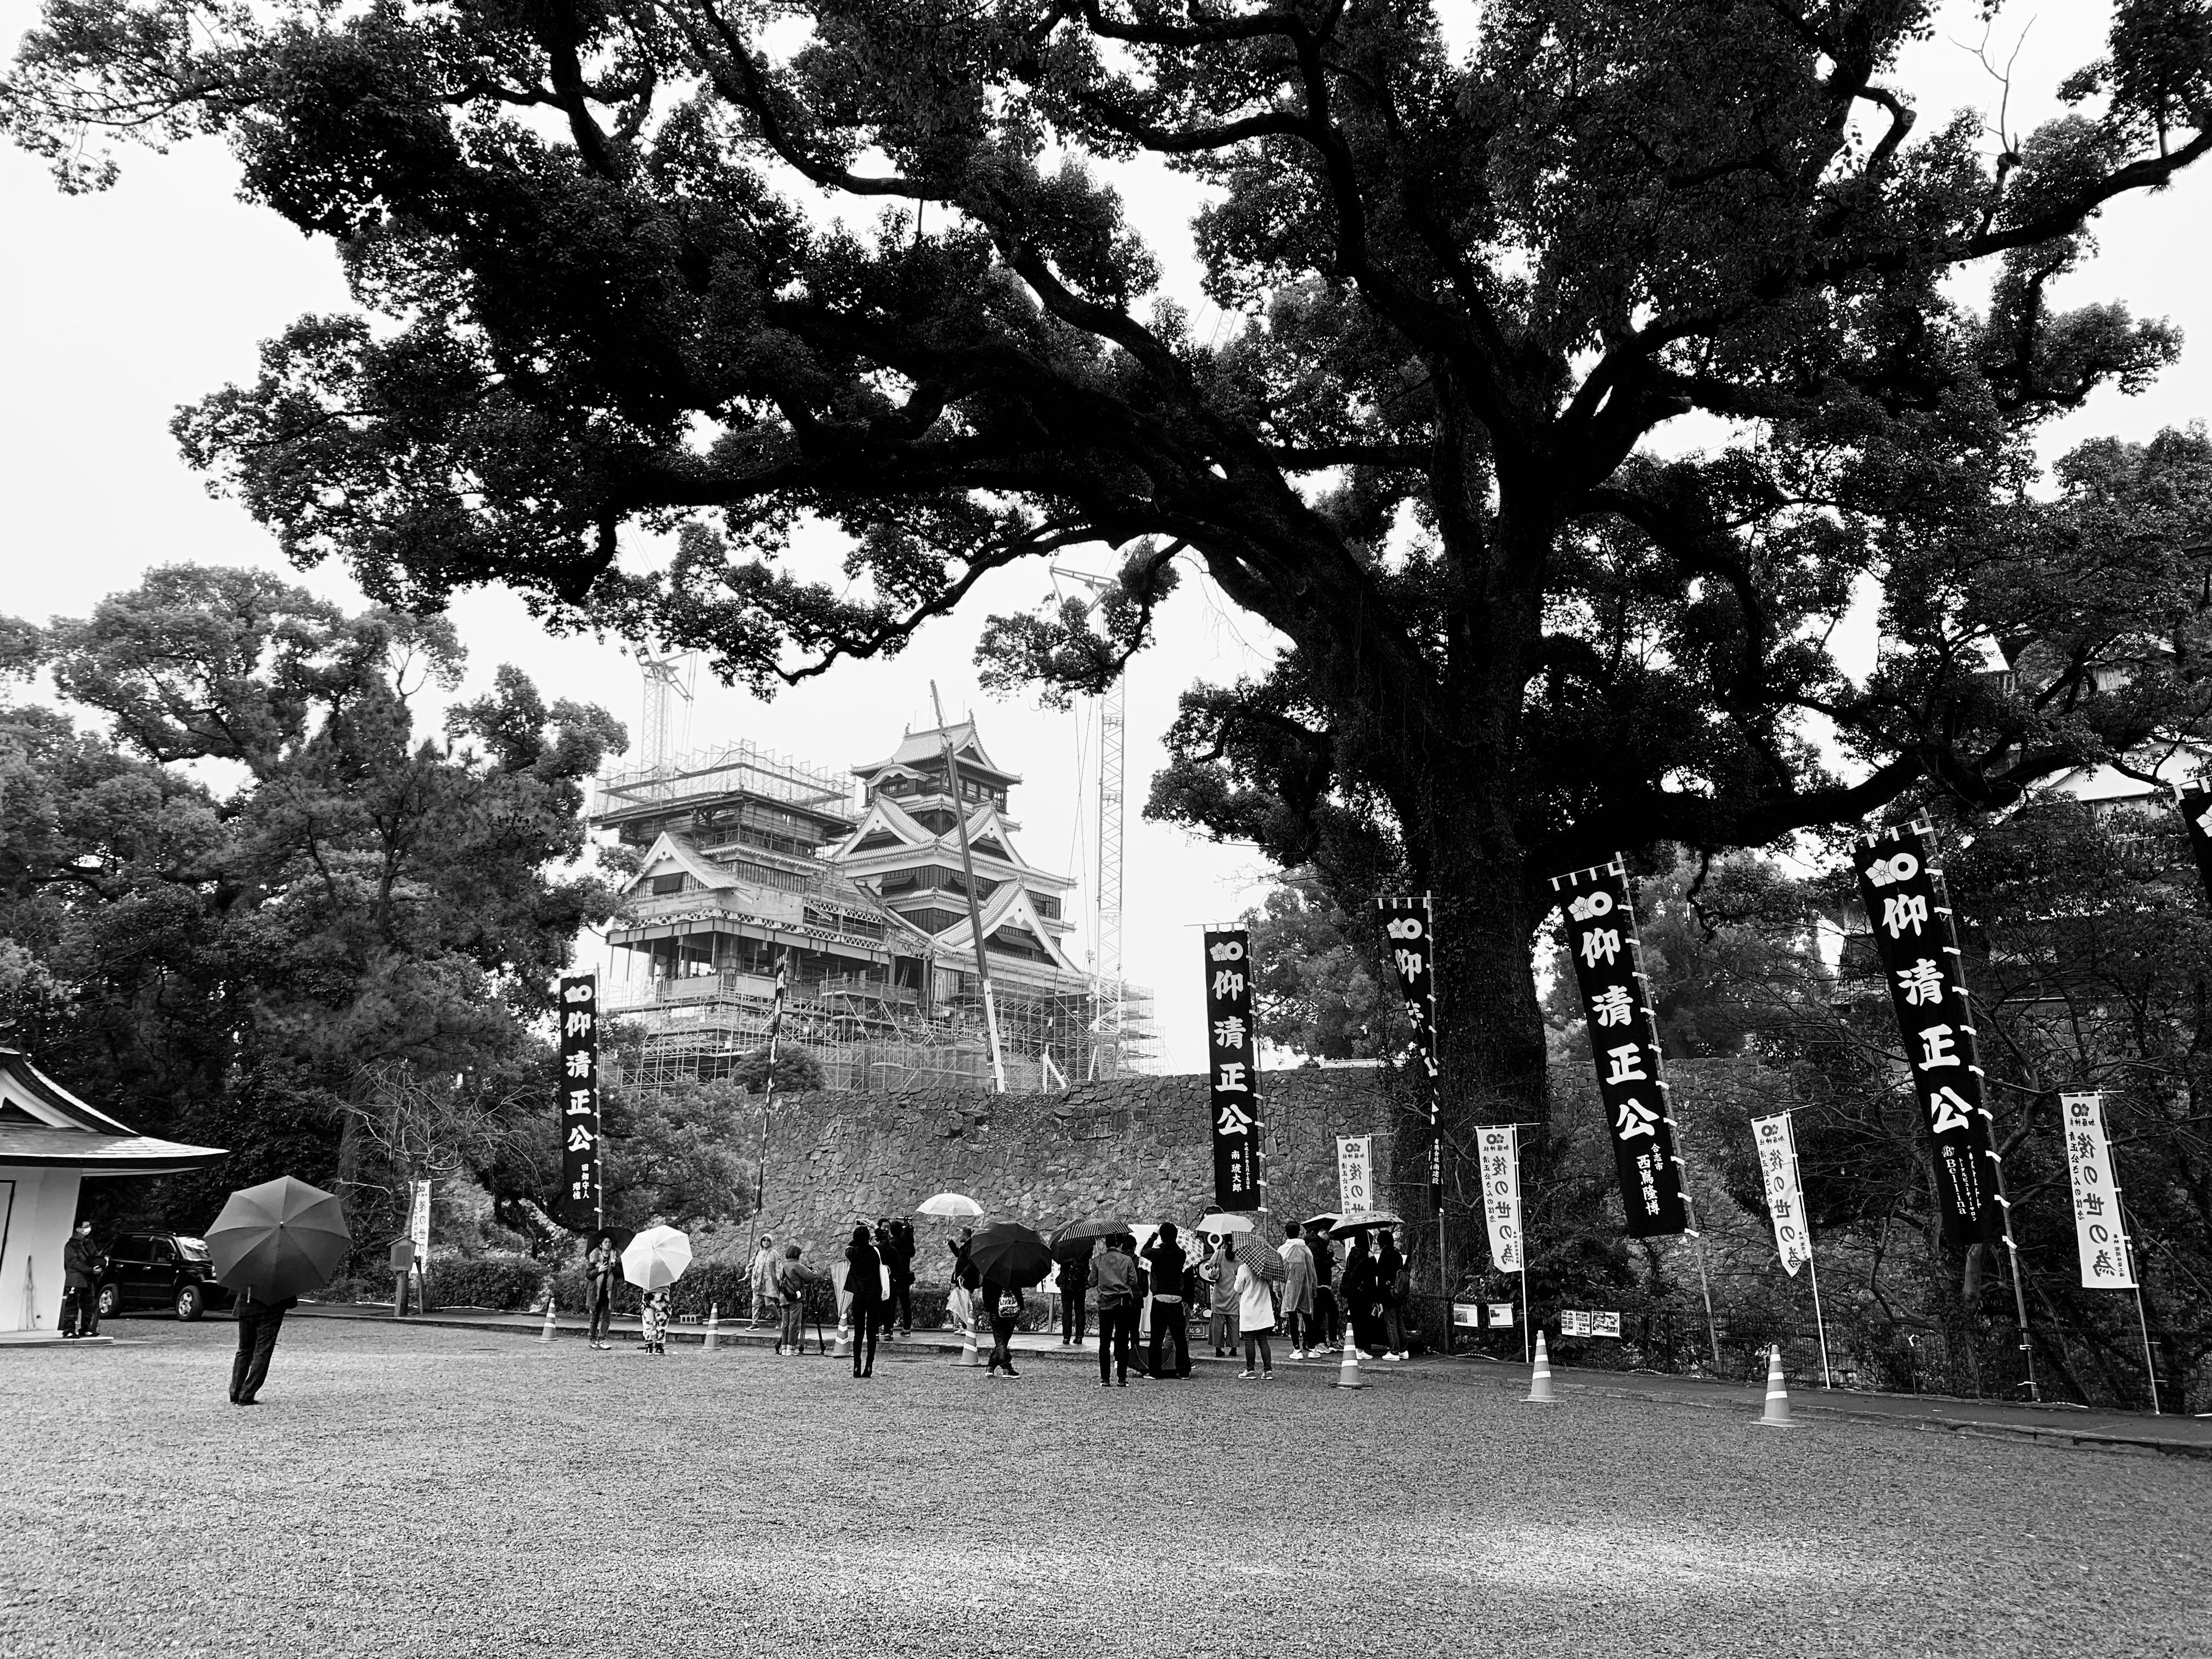 【国内】熊本城に行ってきました:復興城主と観音様